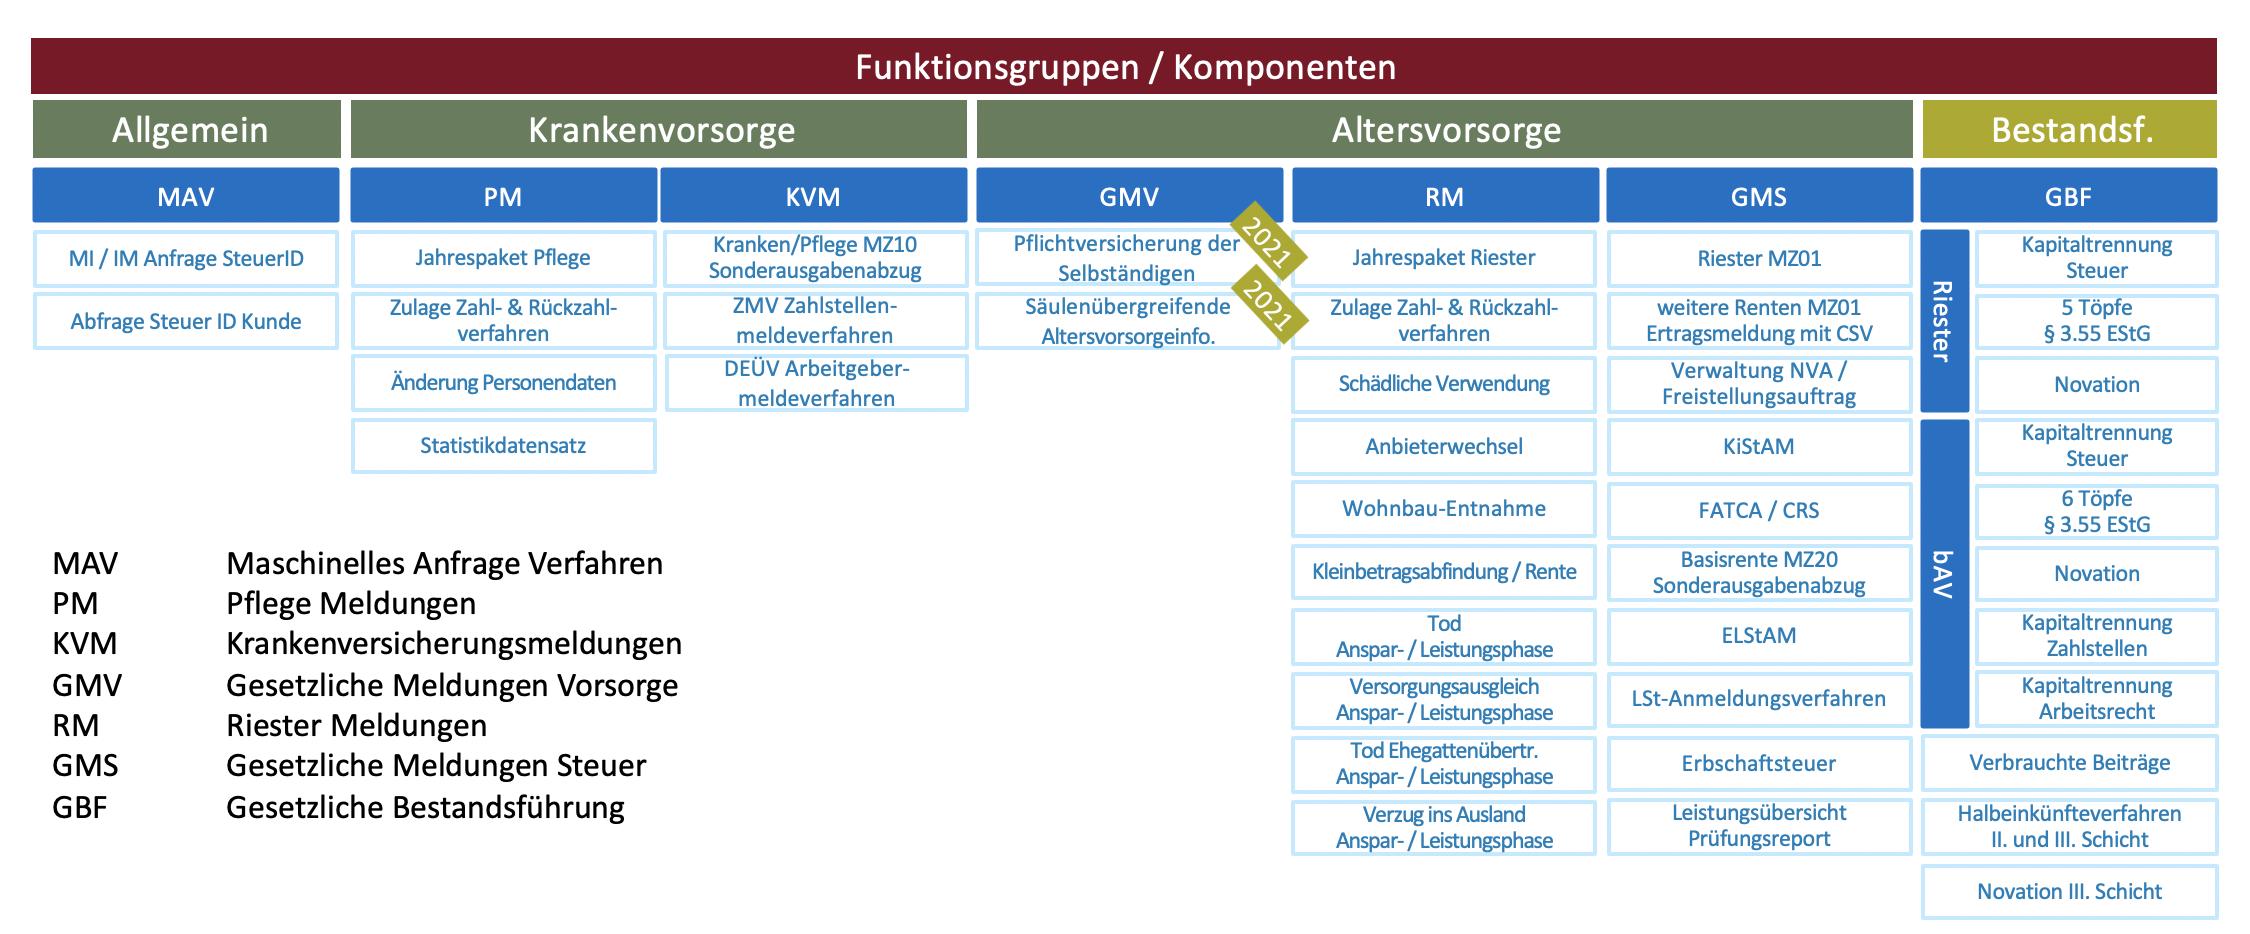 Funktionsgruppen und Komponenten des gesetzlichen Meldeverfahrens im Überblick